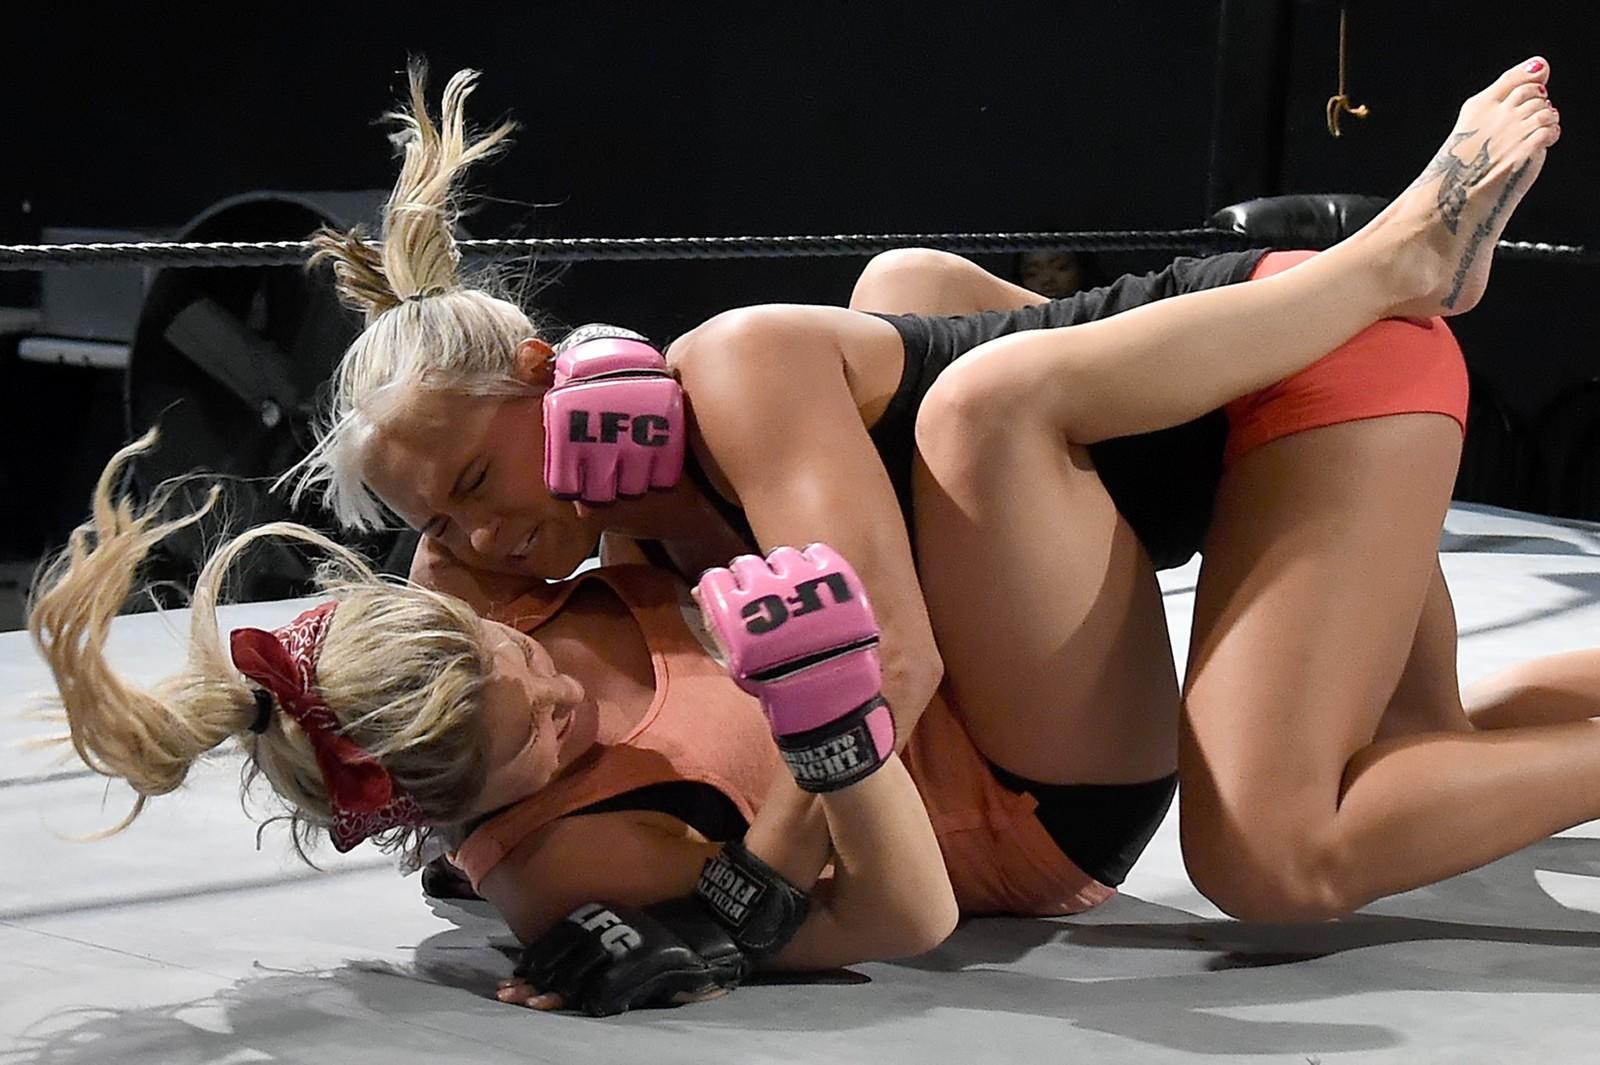 Lauren «The Animal» Erickson (øverst) og Chelsea «Feisty Fists» London trener til undertøysbryte-turneringen «A Midsummer Night's Dream» i Las Vegas.